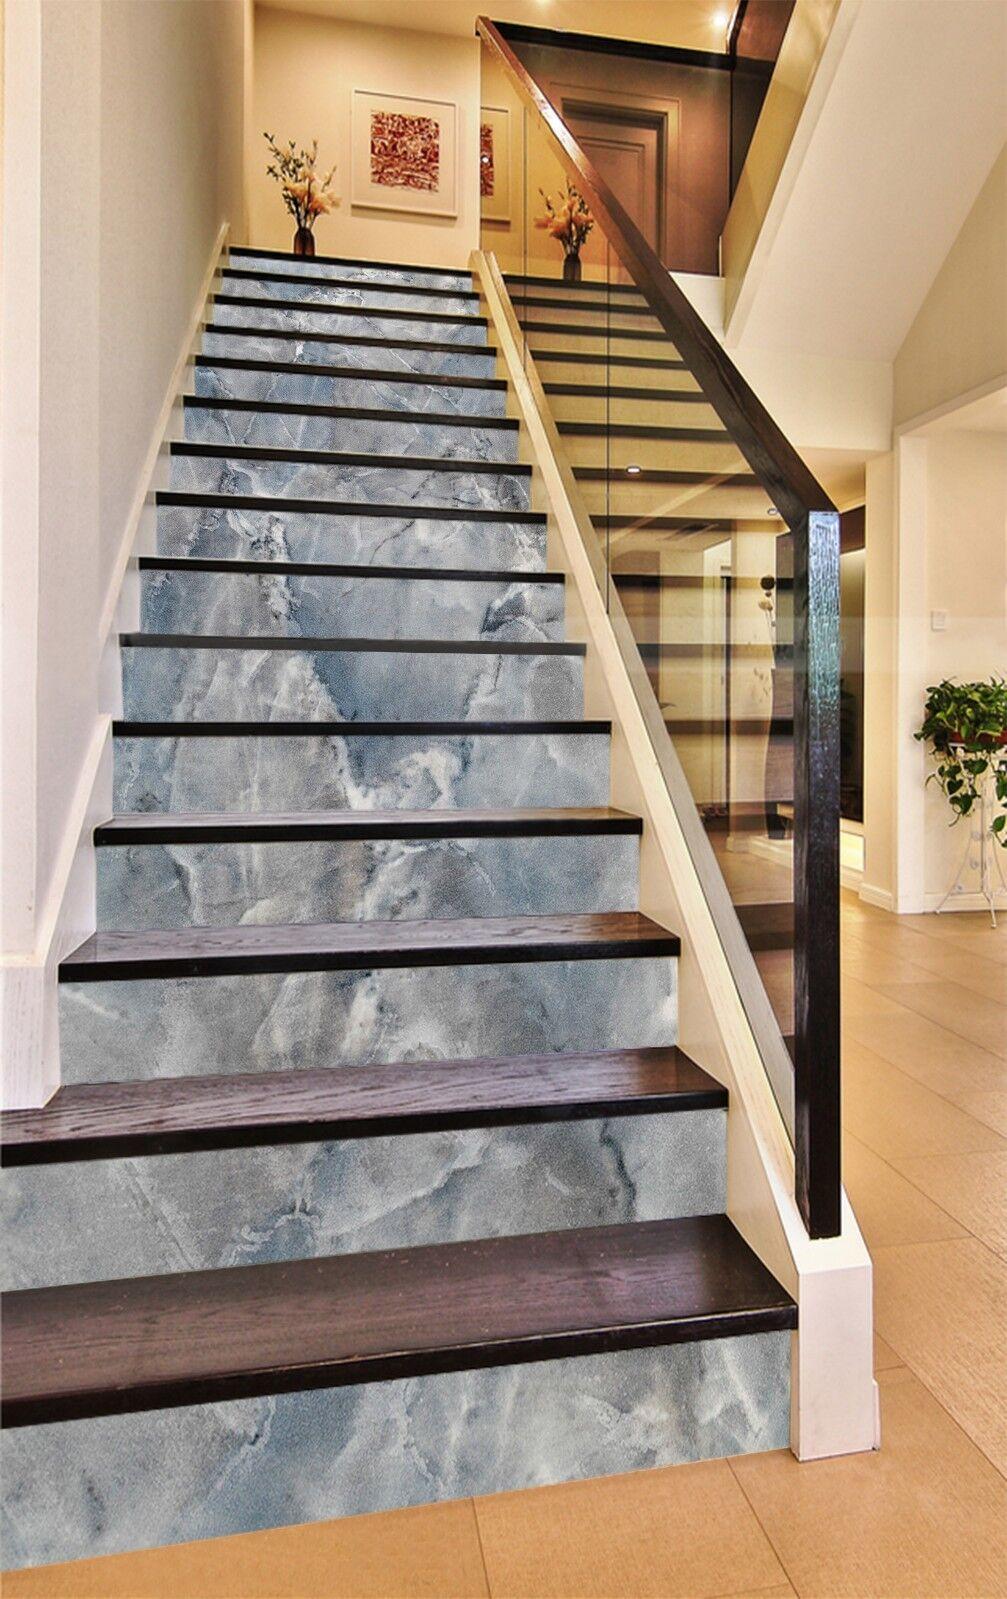 3D Wasserzeichen 8 Fliese Marmor Stair Risers Fototapete Vinyl Aufkleber Tapete